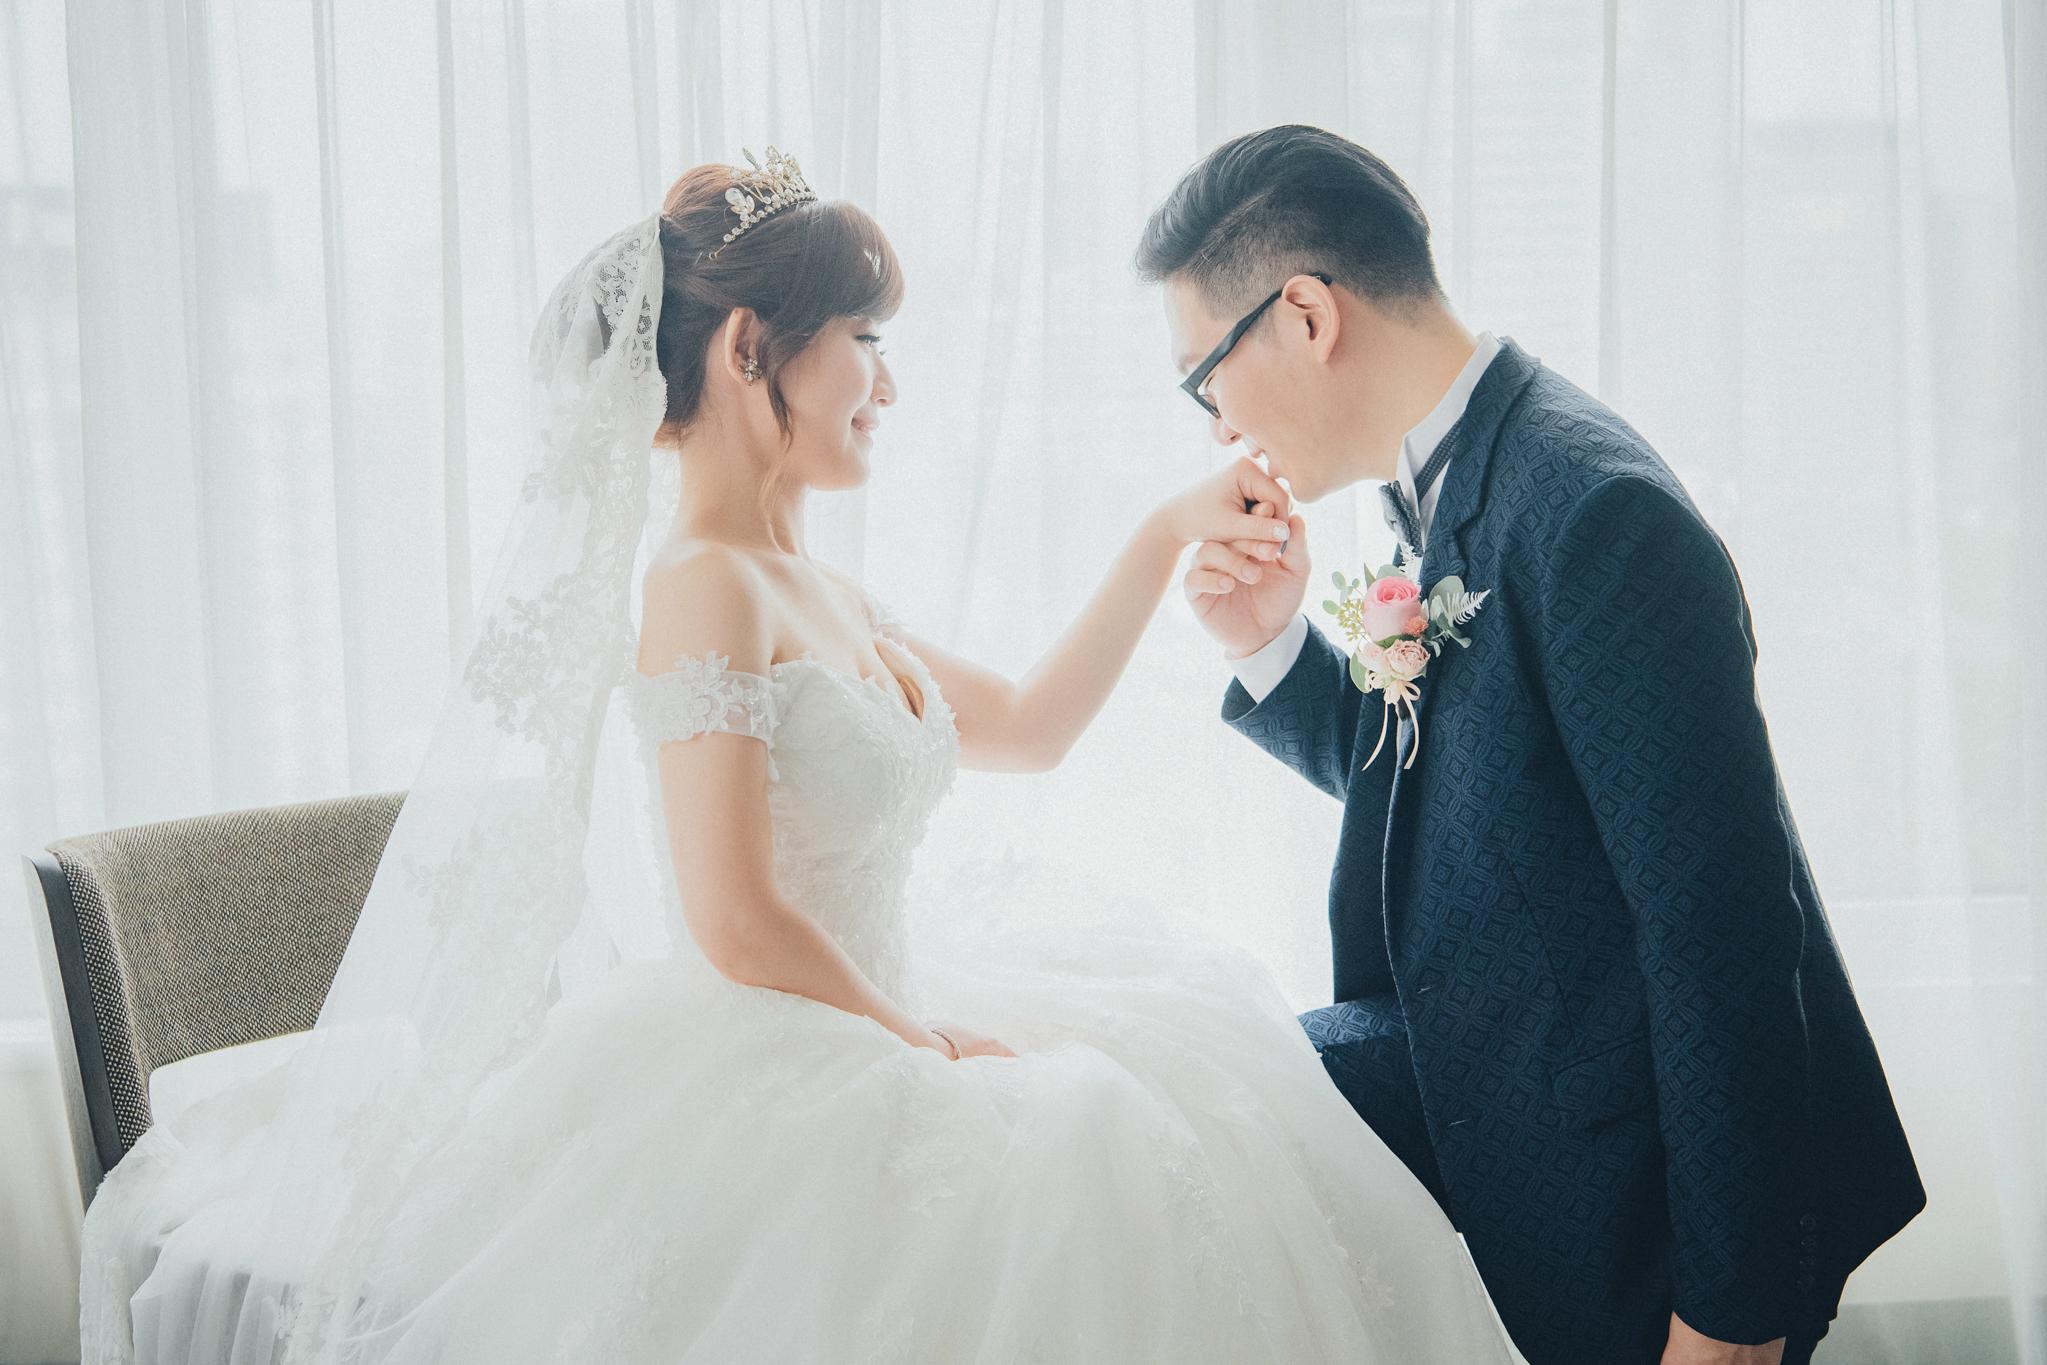 東法, 國賓飯店, 婚禮紀錄, 雙攝影師, 藝術婚禮,